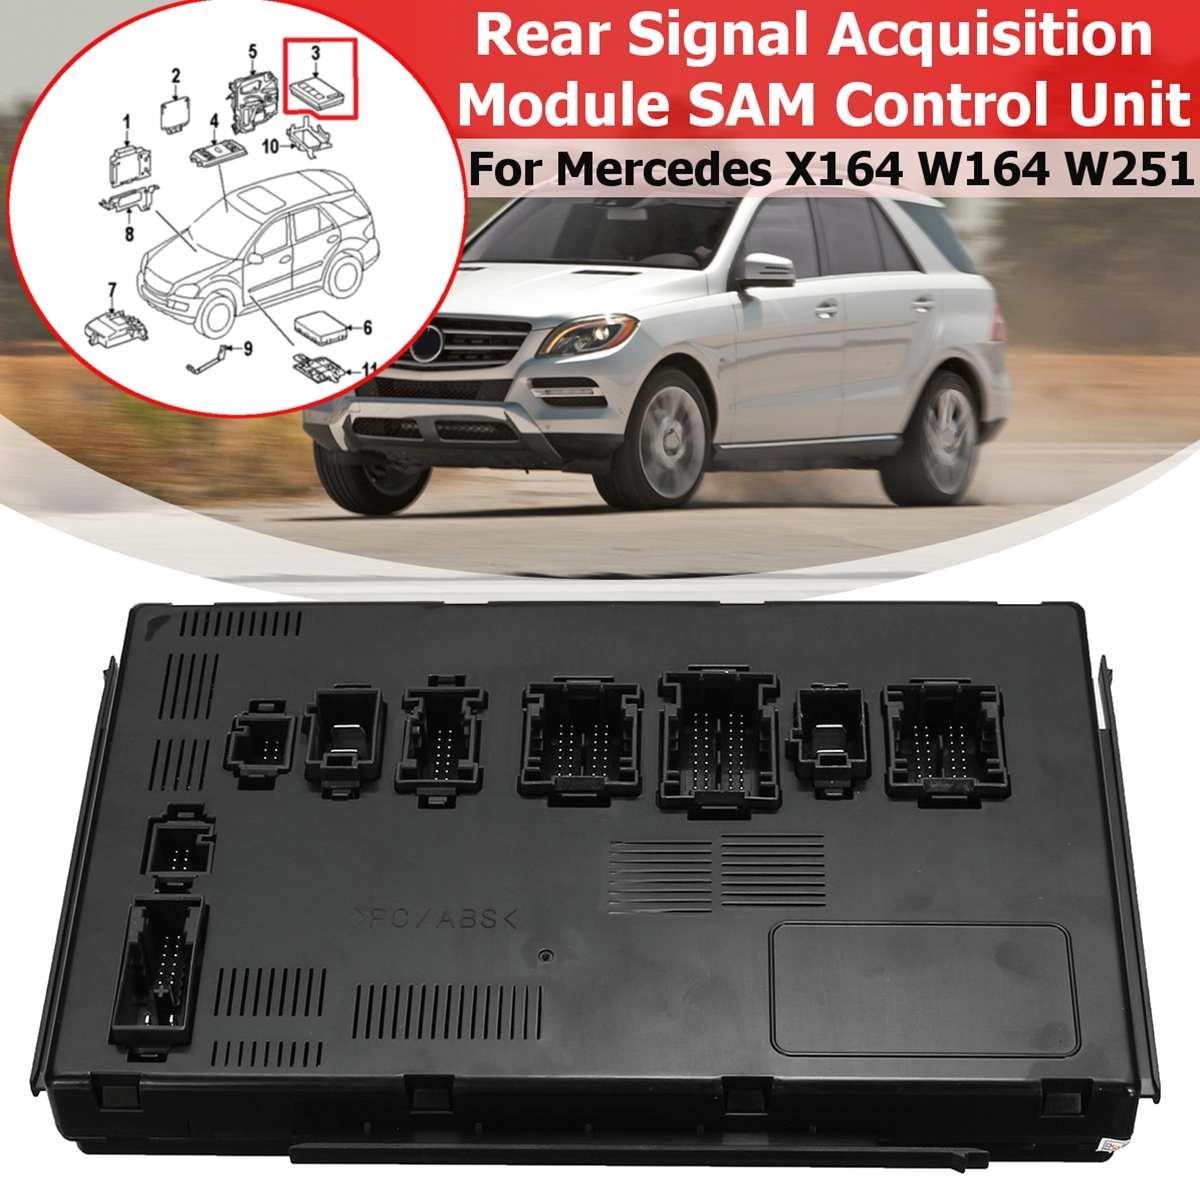 1 pcs para Mercedes-Benz X164 W164 W251 GL320 GL350 Unidade de Controle Módulo de Aquisição de Sinal Traseiro SAM Genuíno 1649005401